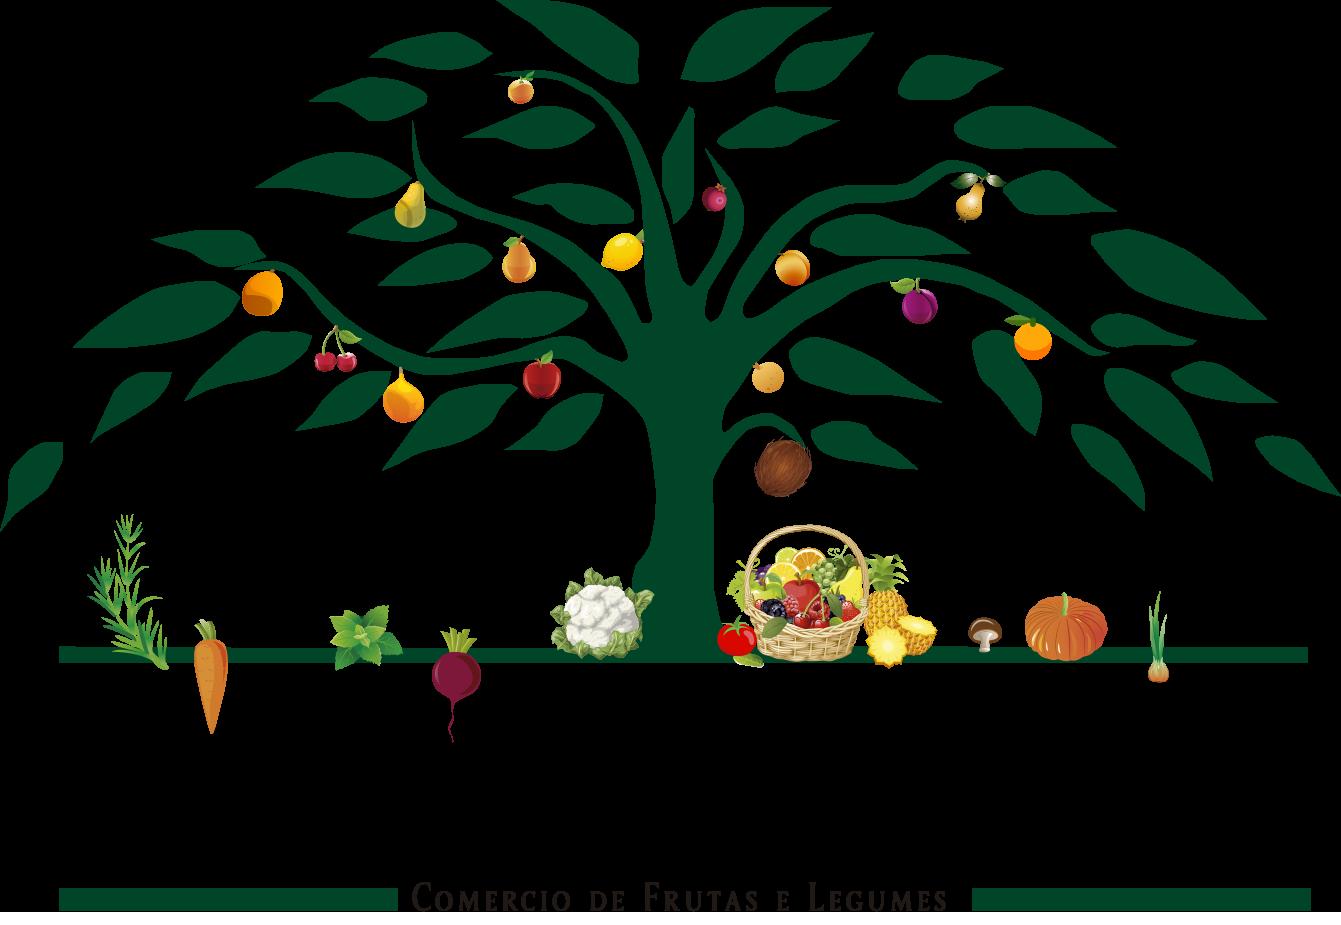 Hort&Frutas - Online